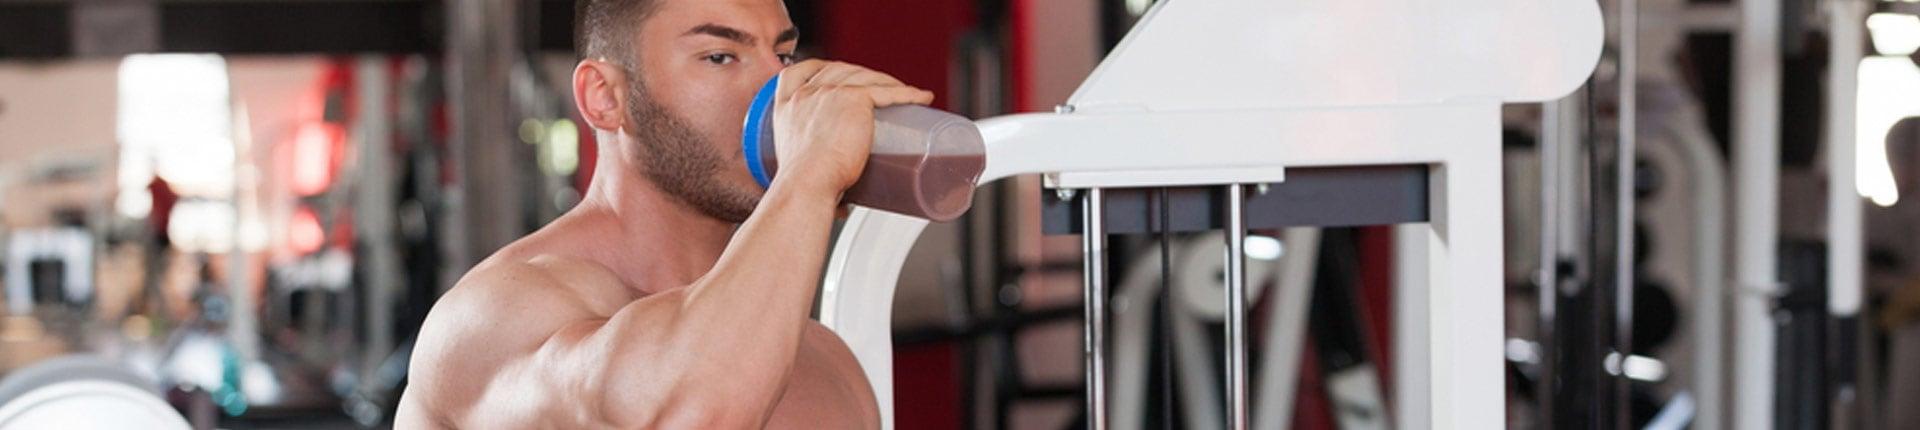 Izolat czy koncentrat białka? Białko serwatkowe czy serwatka białkowa?